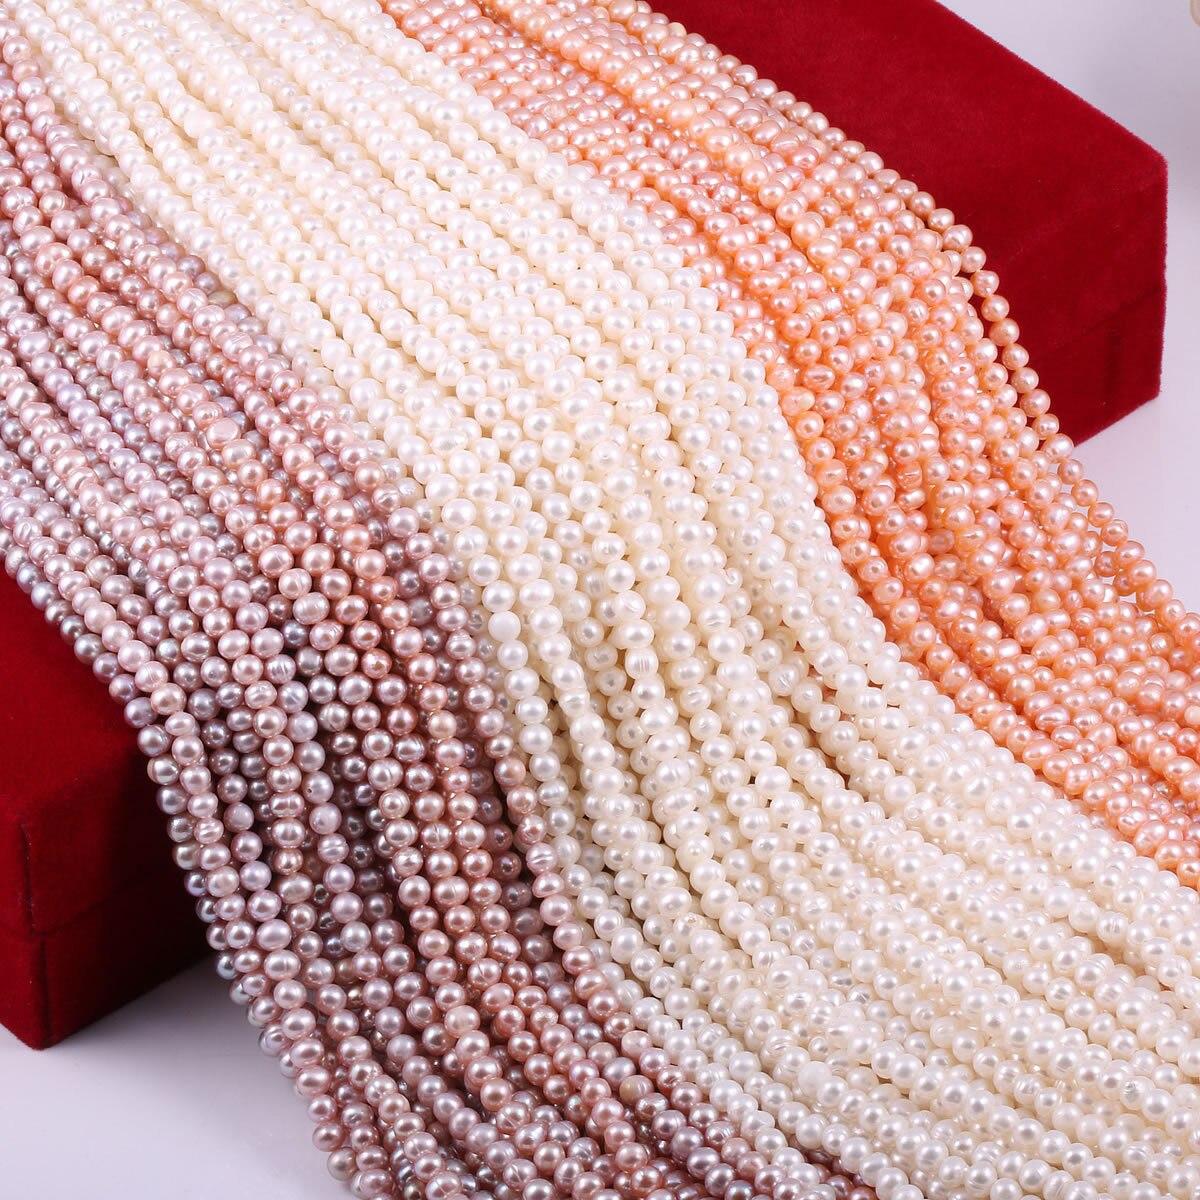 Бусы из натурального пресноводного жемчуга, высококачественные, почти круглые, 36 см, пробивные, свободные, бисер для рукоделия, женское ожерелье, браслет, изготовление ювелирных изделий Бусины      АлиЭкспресс